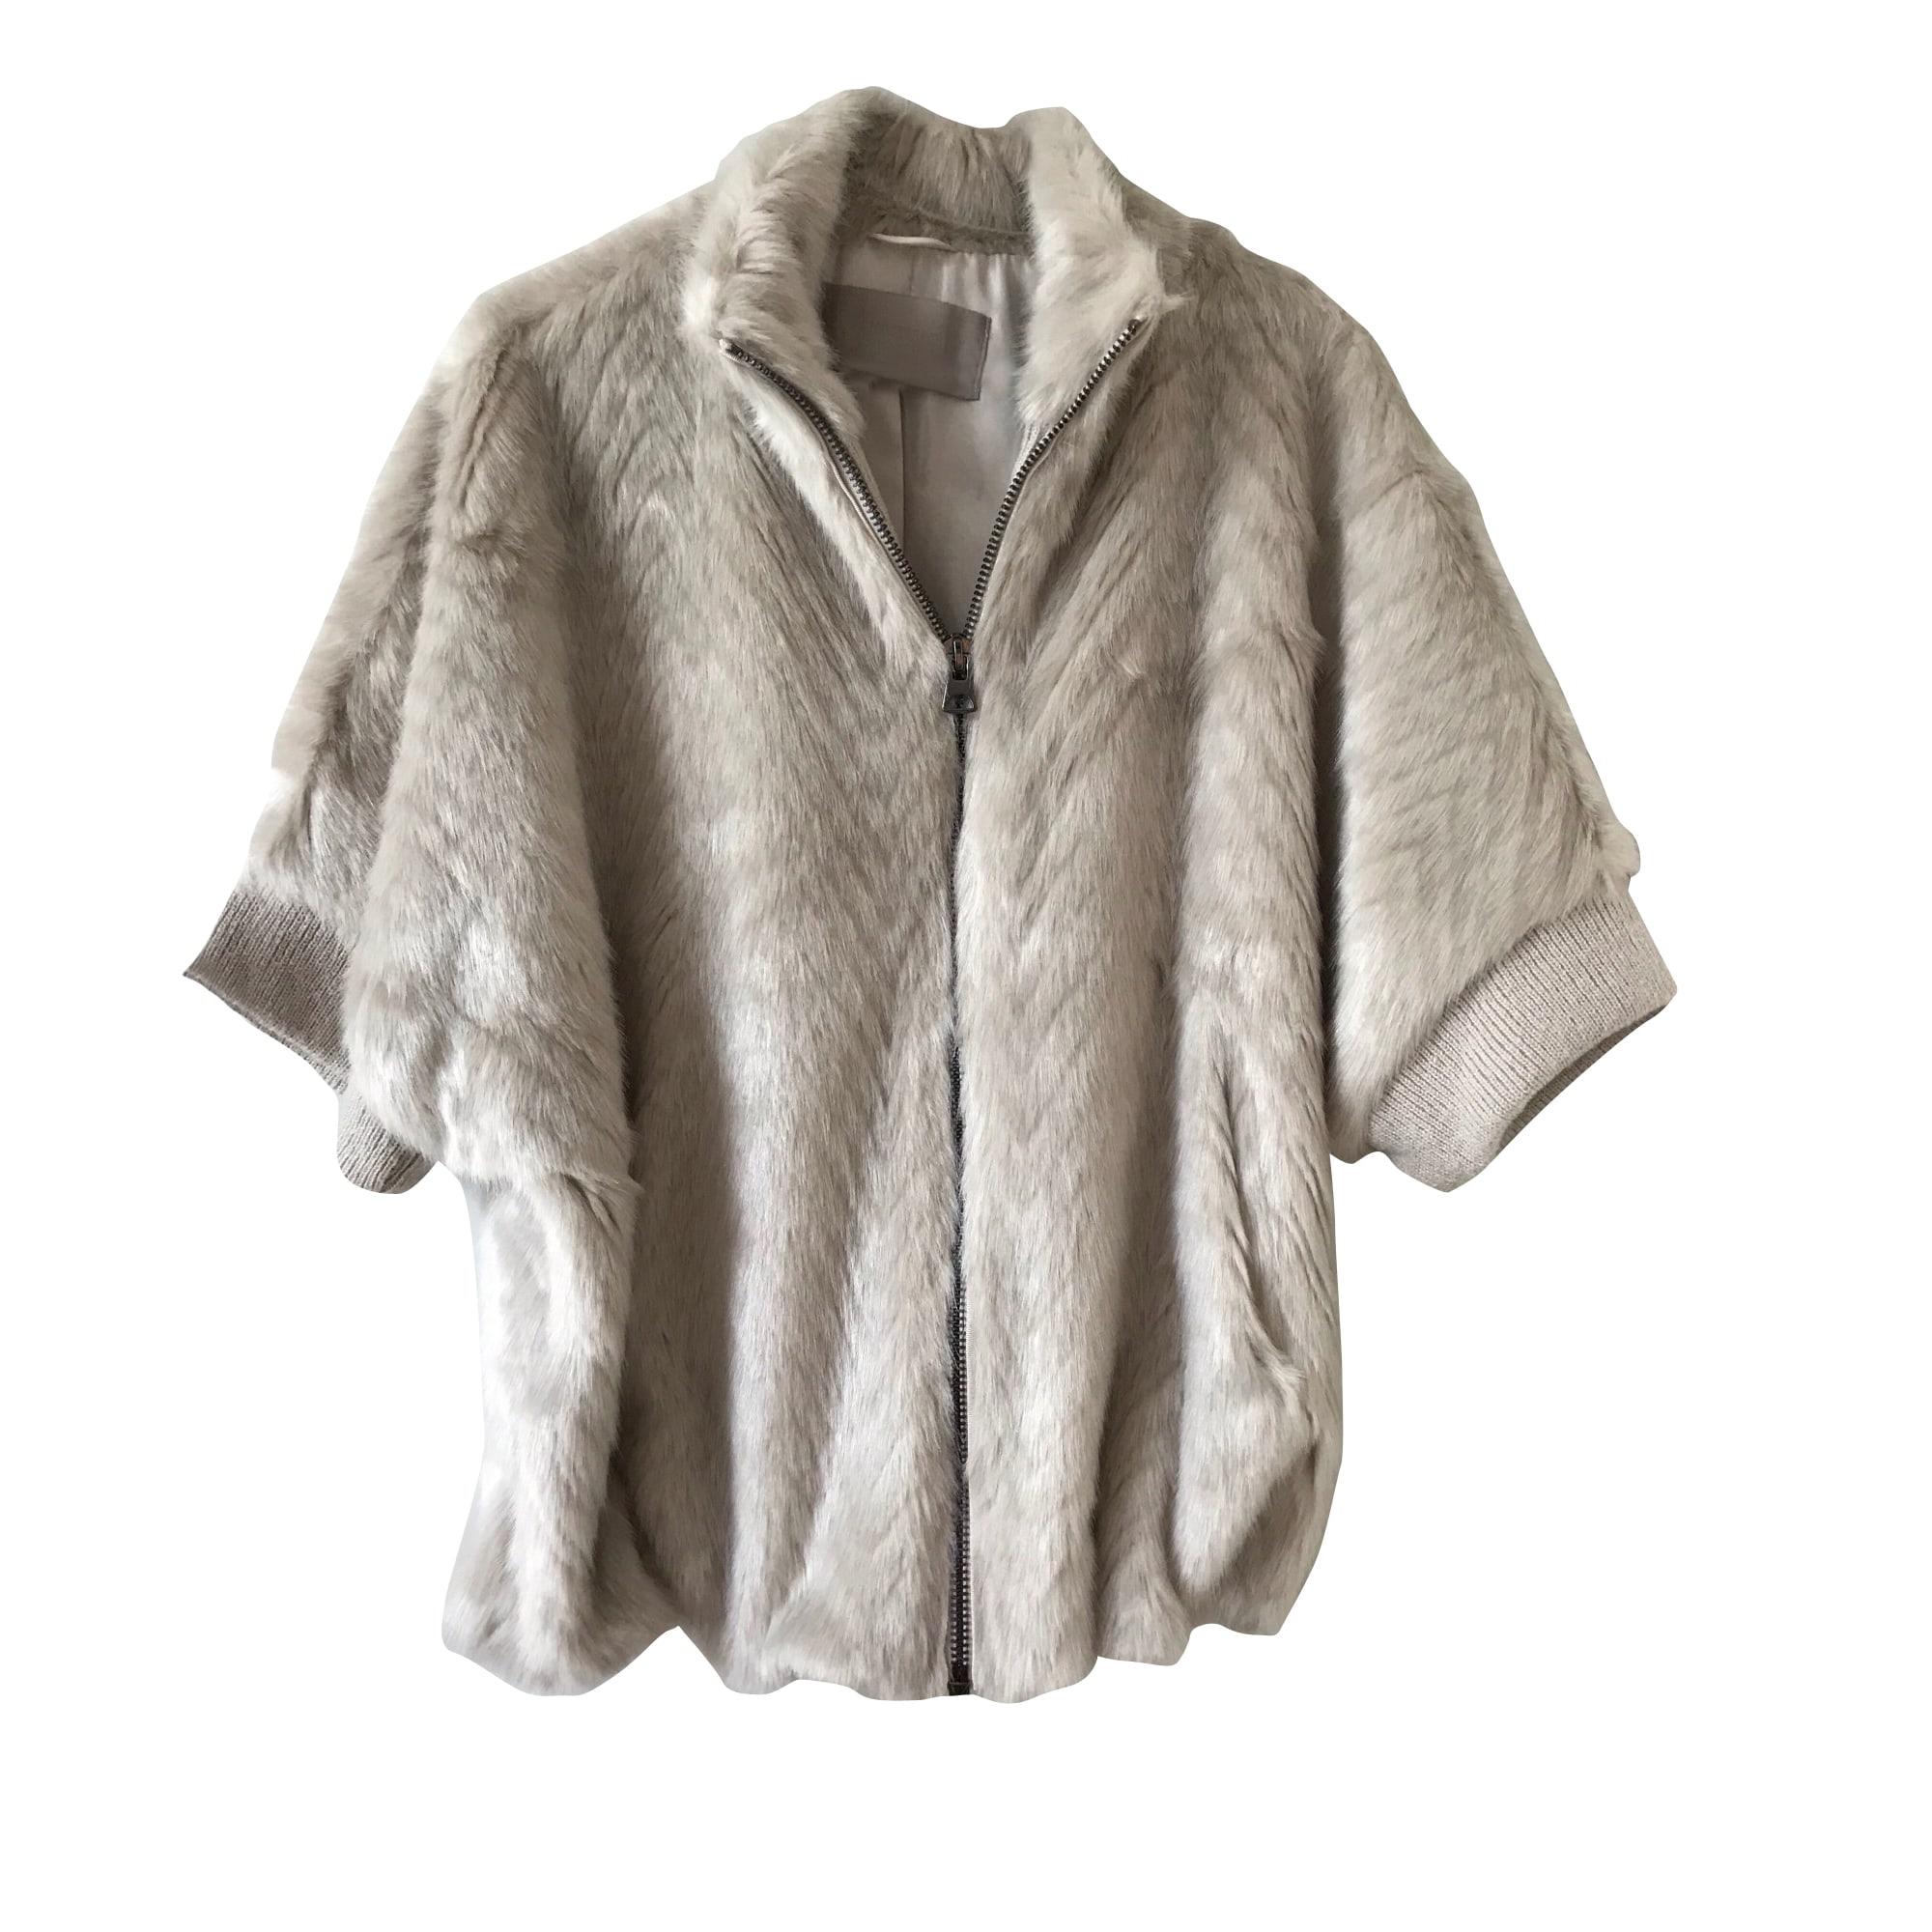 Blouson, veste en fourrure GEORGES RECH Blanc, blanc cassé, écru